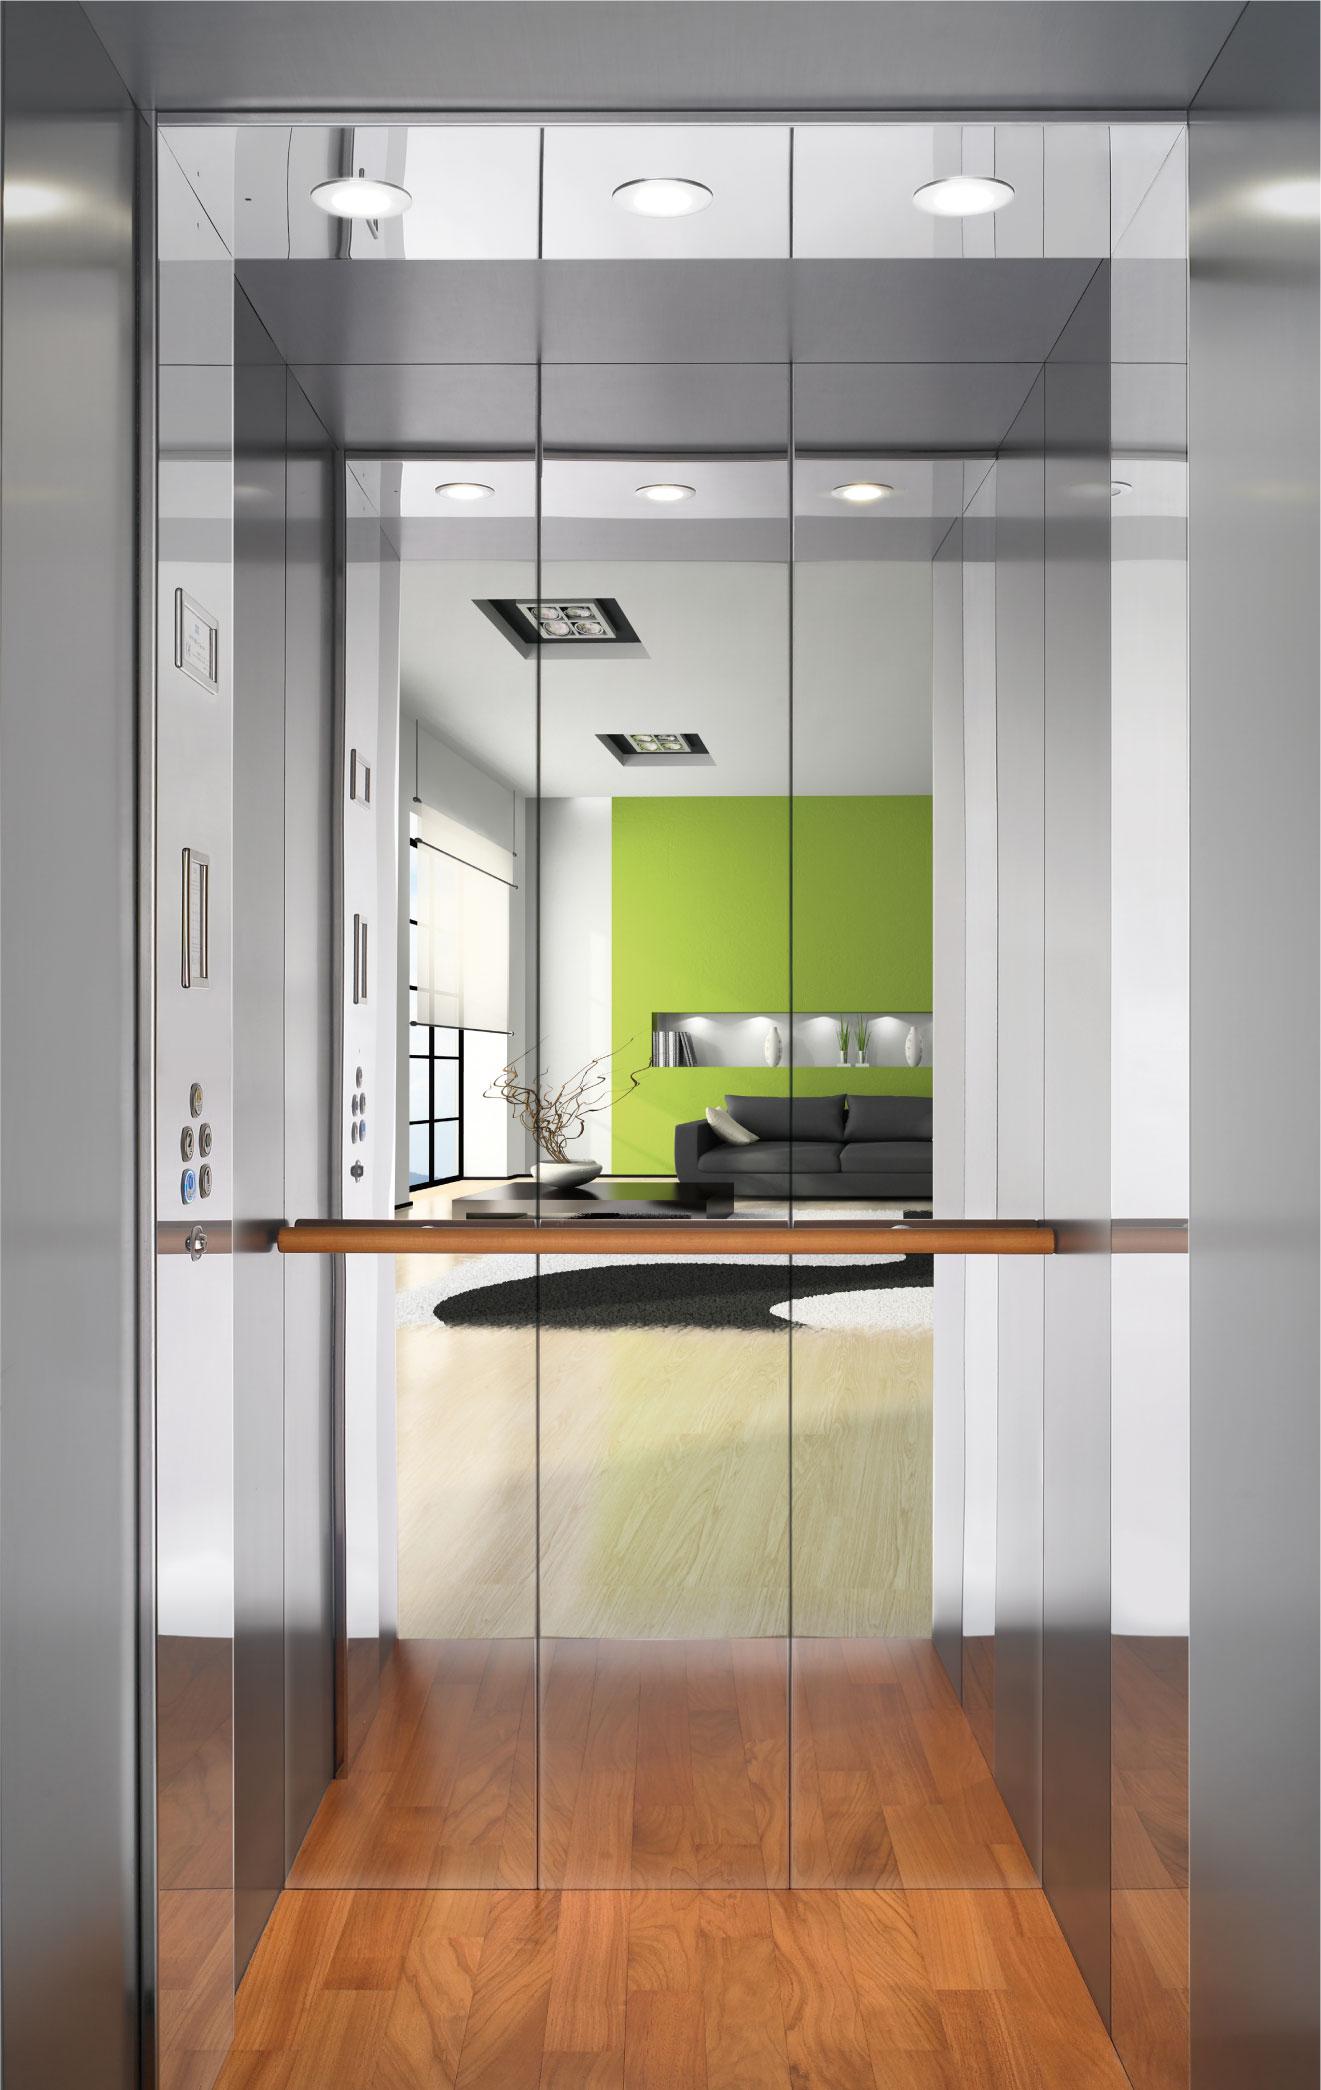 Ascensore in casa privata per appartamento senza scale for Design dello spazio esterno